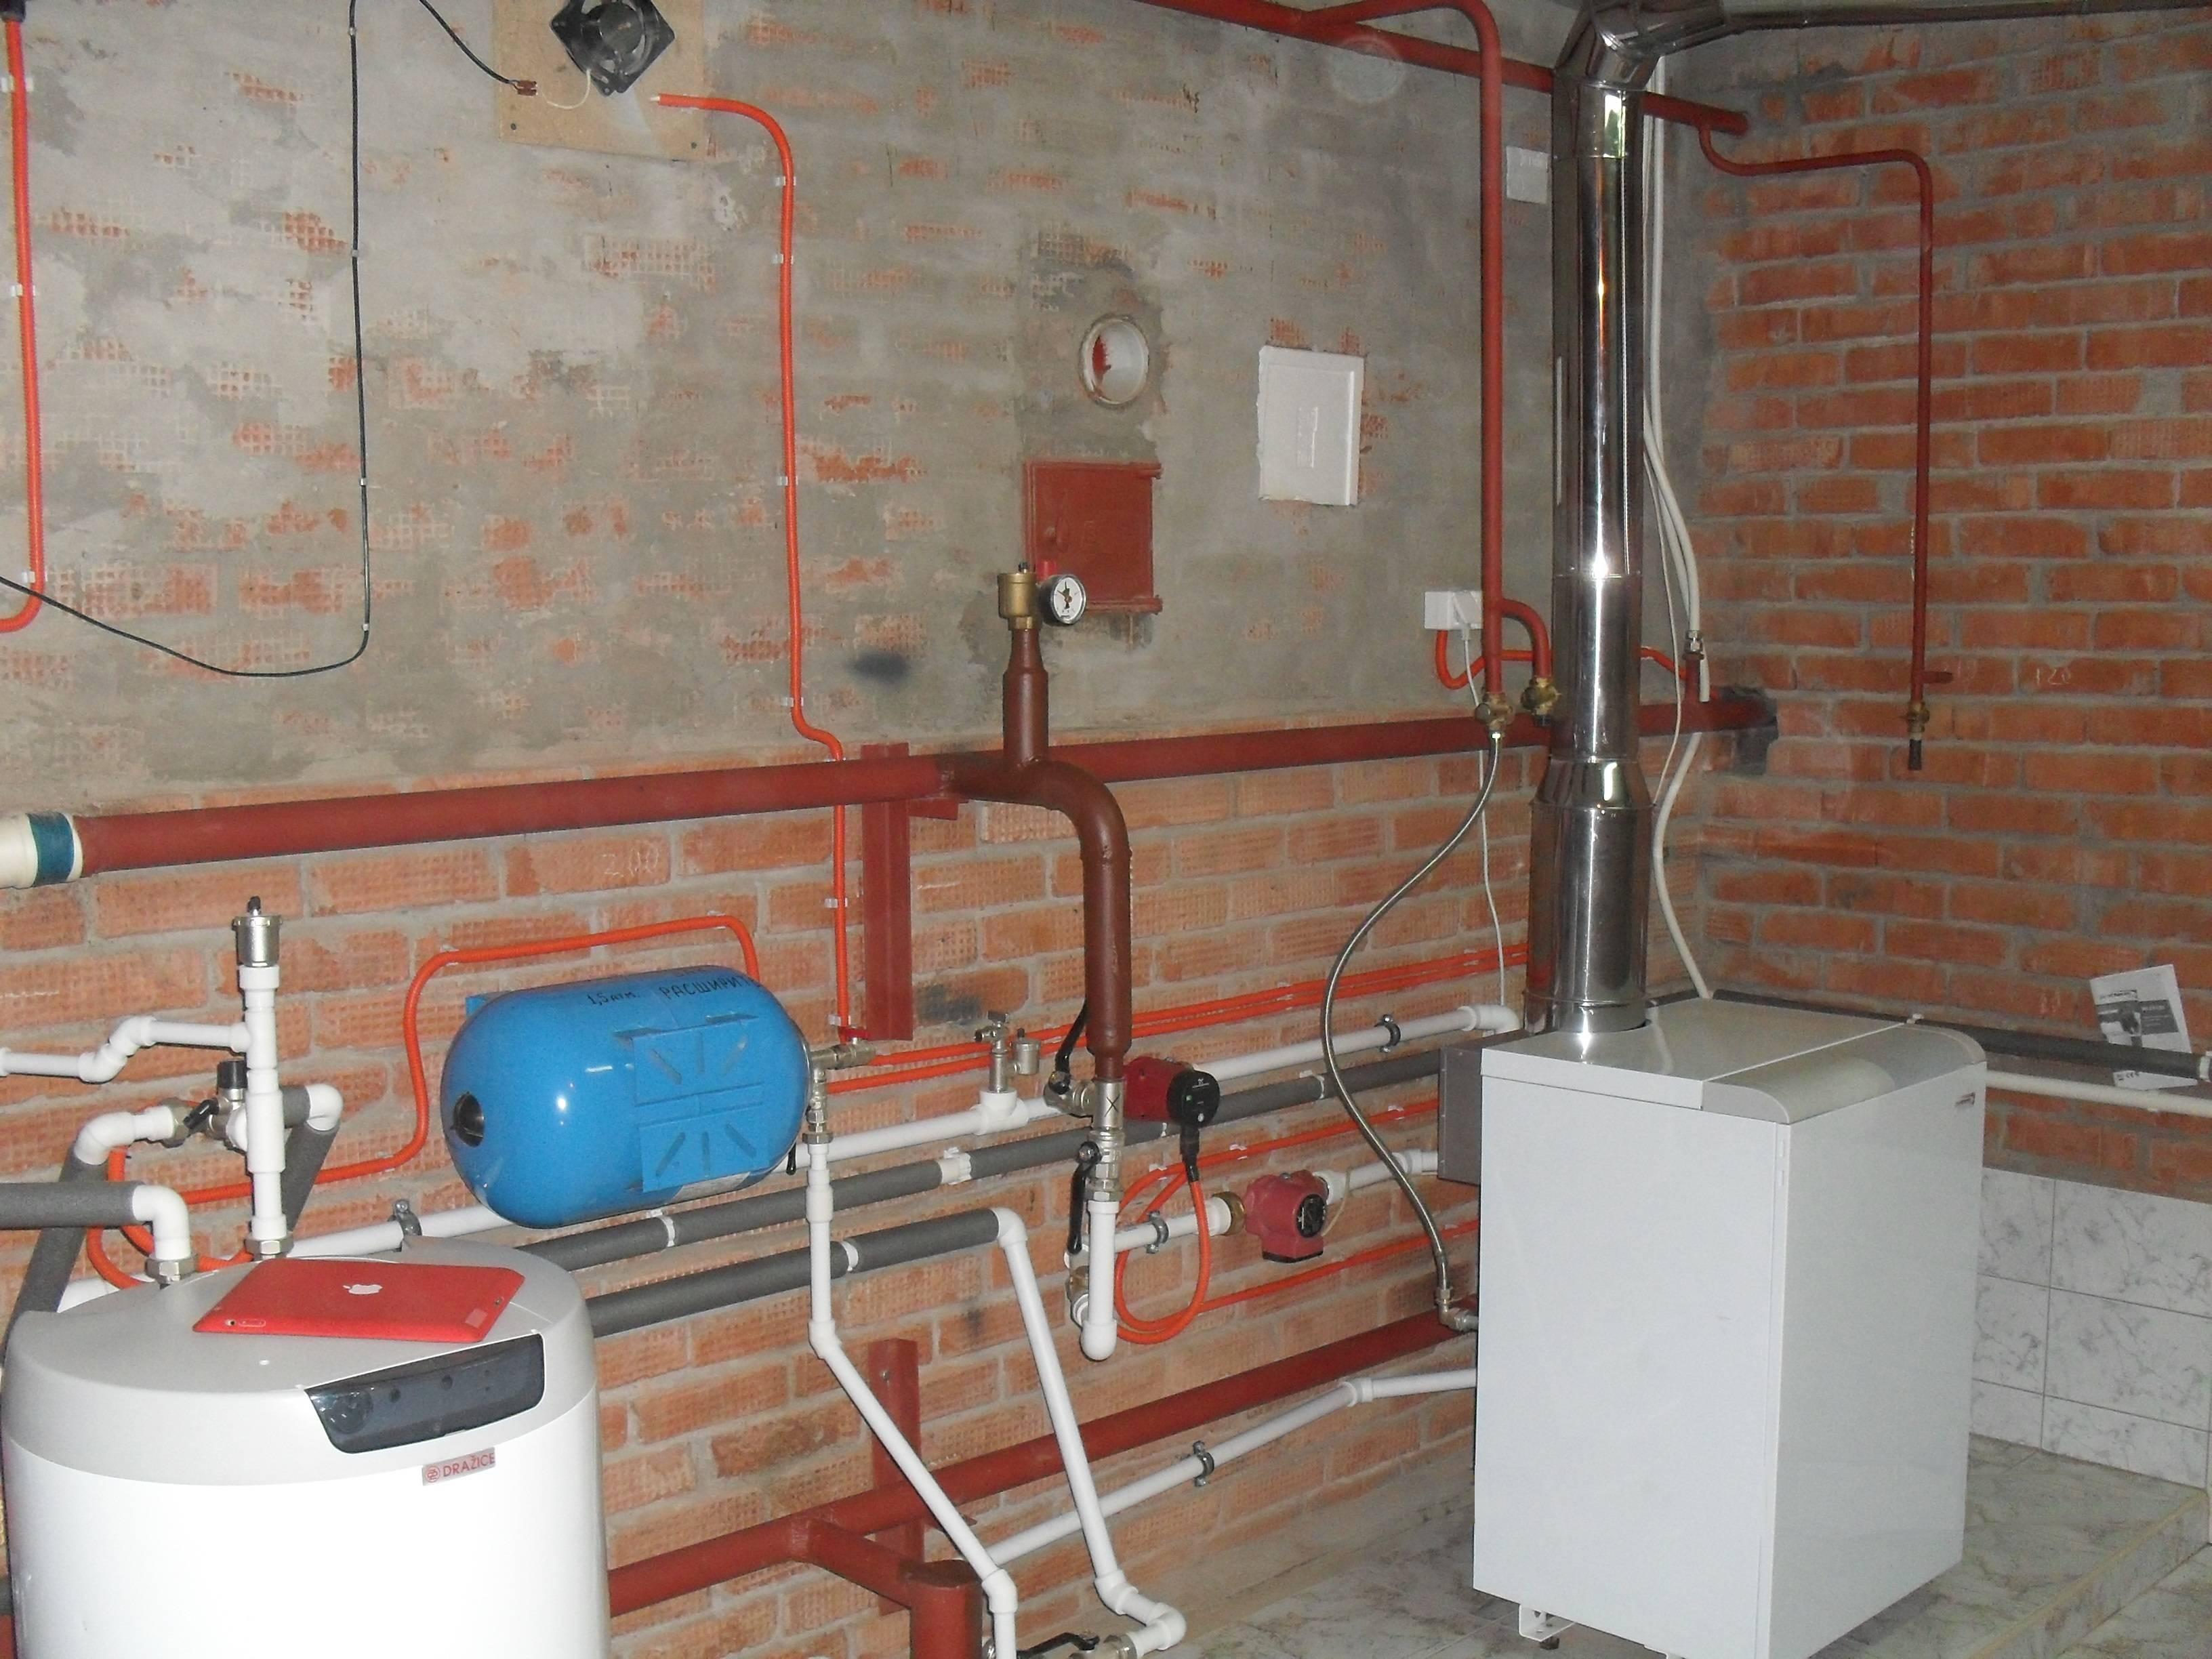 Возможен ли без согласования перенос газового стояка в частном доме?